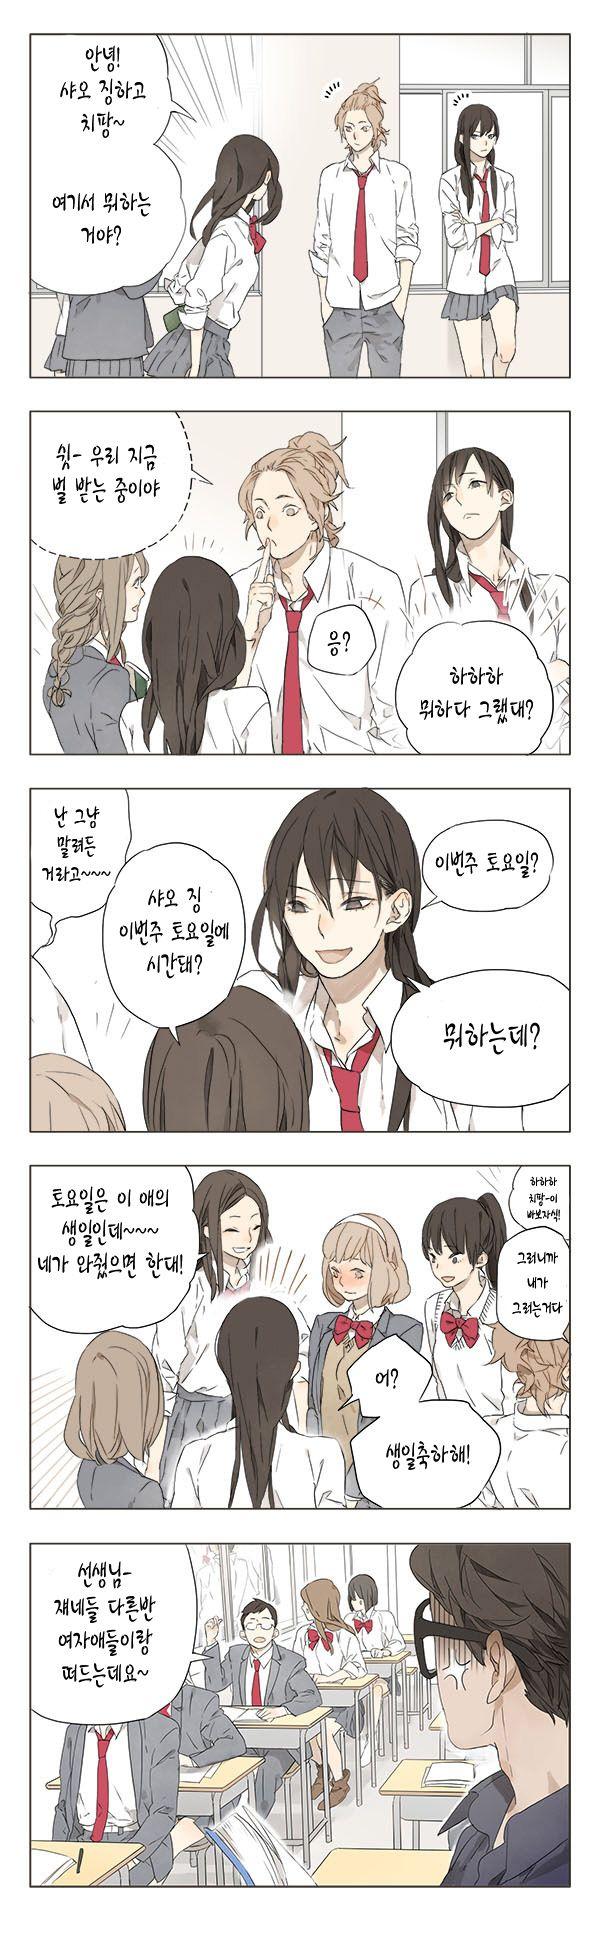 아까 올렸던 당당하게 여자 엉덩이 만지는 방법의 풀버젼[?]이랍니다<여자애들이 이름앞에 샤오를 붙이는건 일본으로 치면 ~~쨩 같은건가봐요작가 픽시브- http://www.pixiv.net/member.php?id=721804